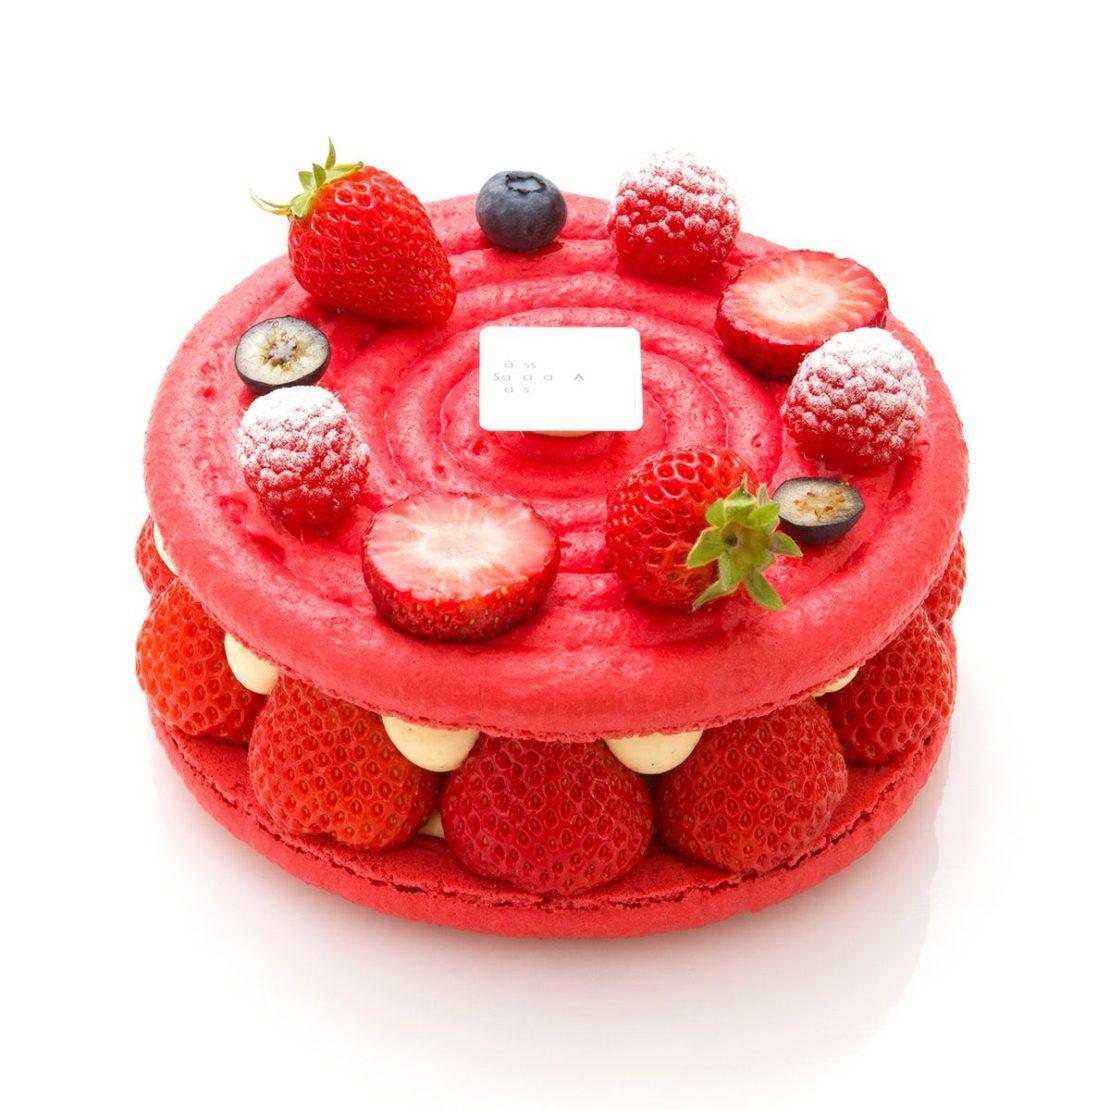 最高のおうちクリスマスを!2020年名古屋のおすすめクリスマスケーキ5選 - 000000000064 01 xl 1110x1110